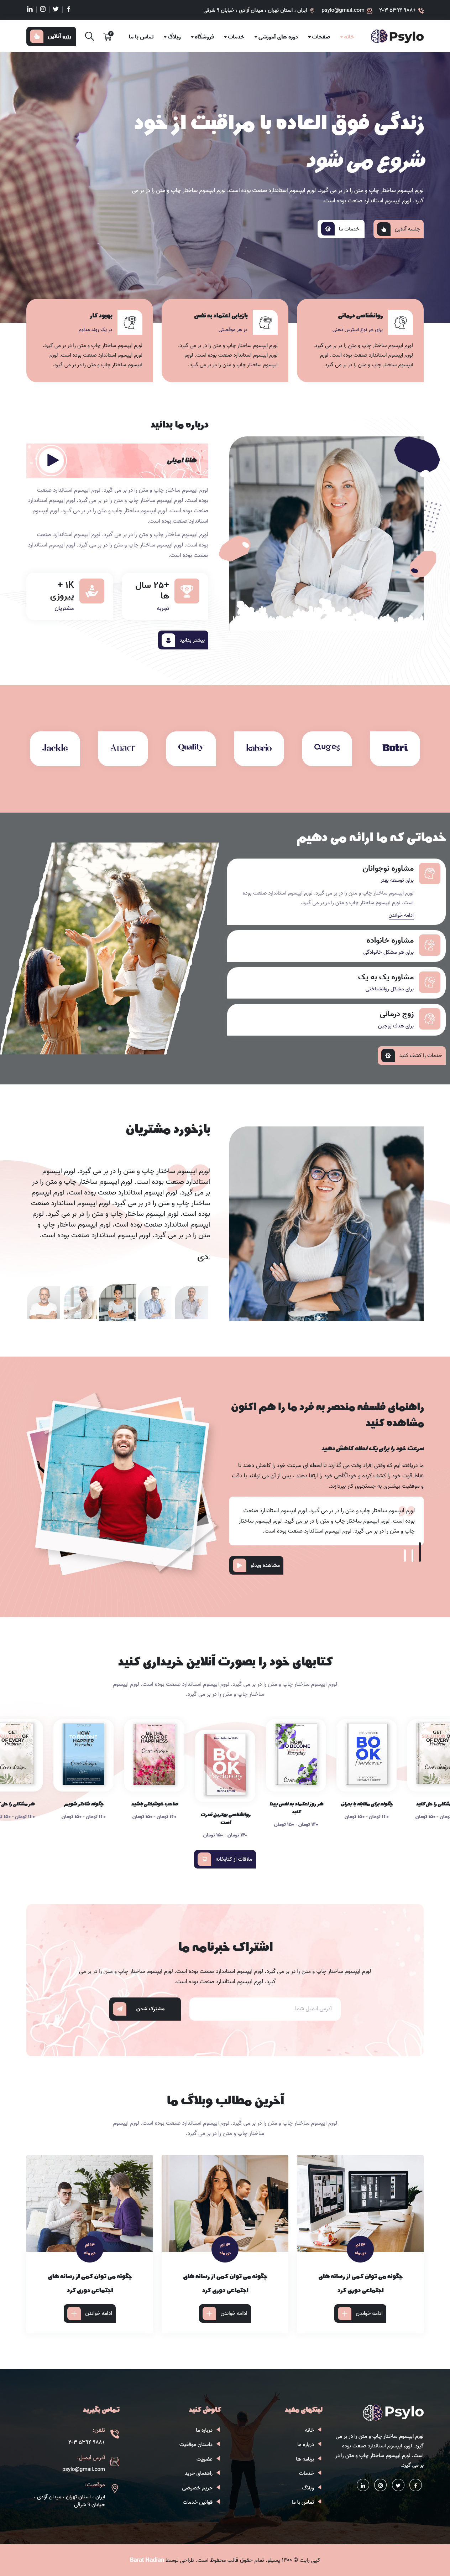 قالب HTML پزشکیپسیلو